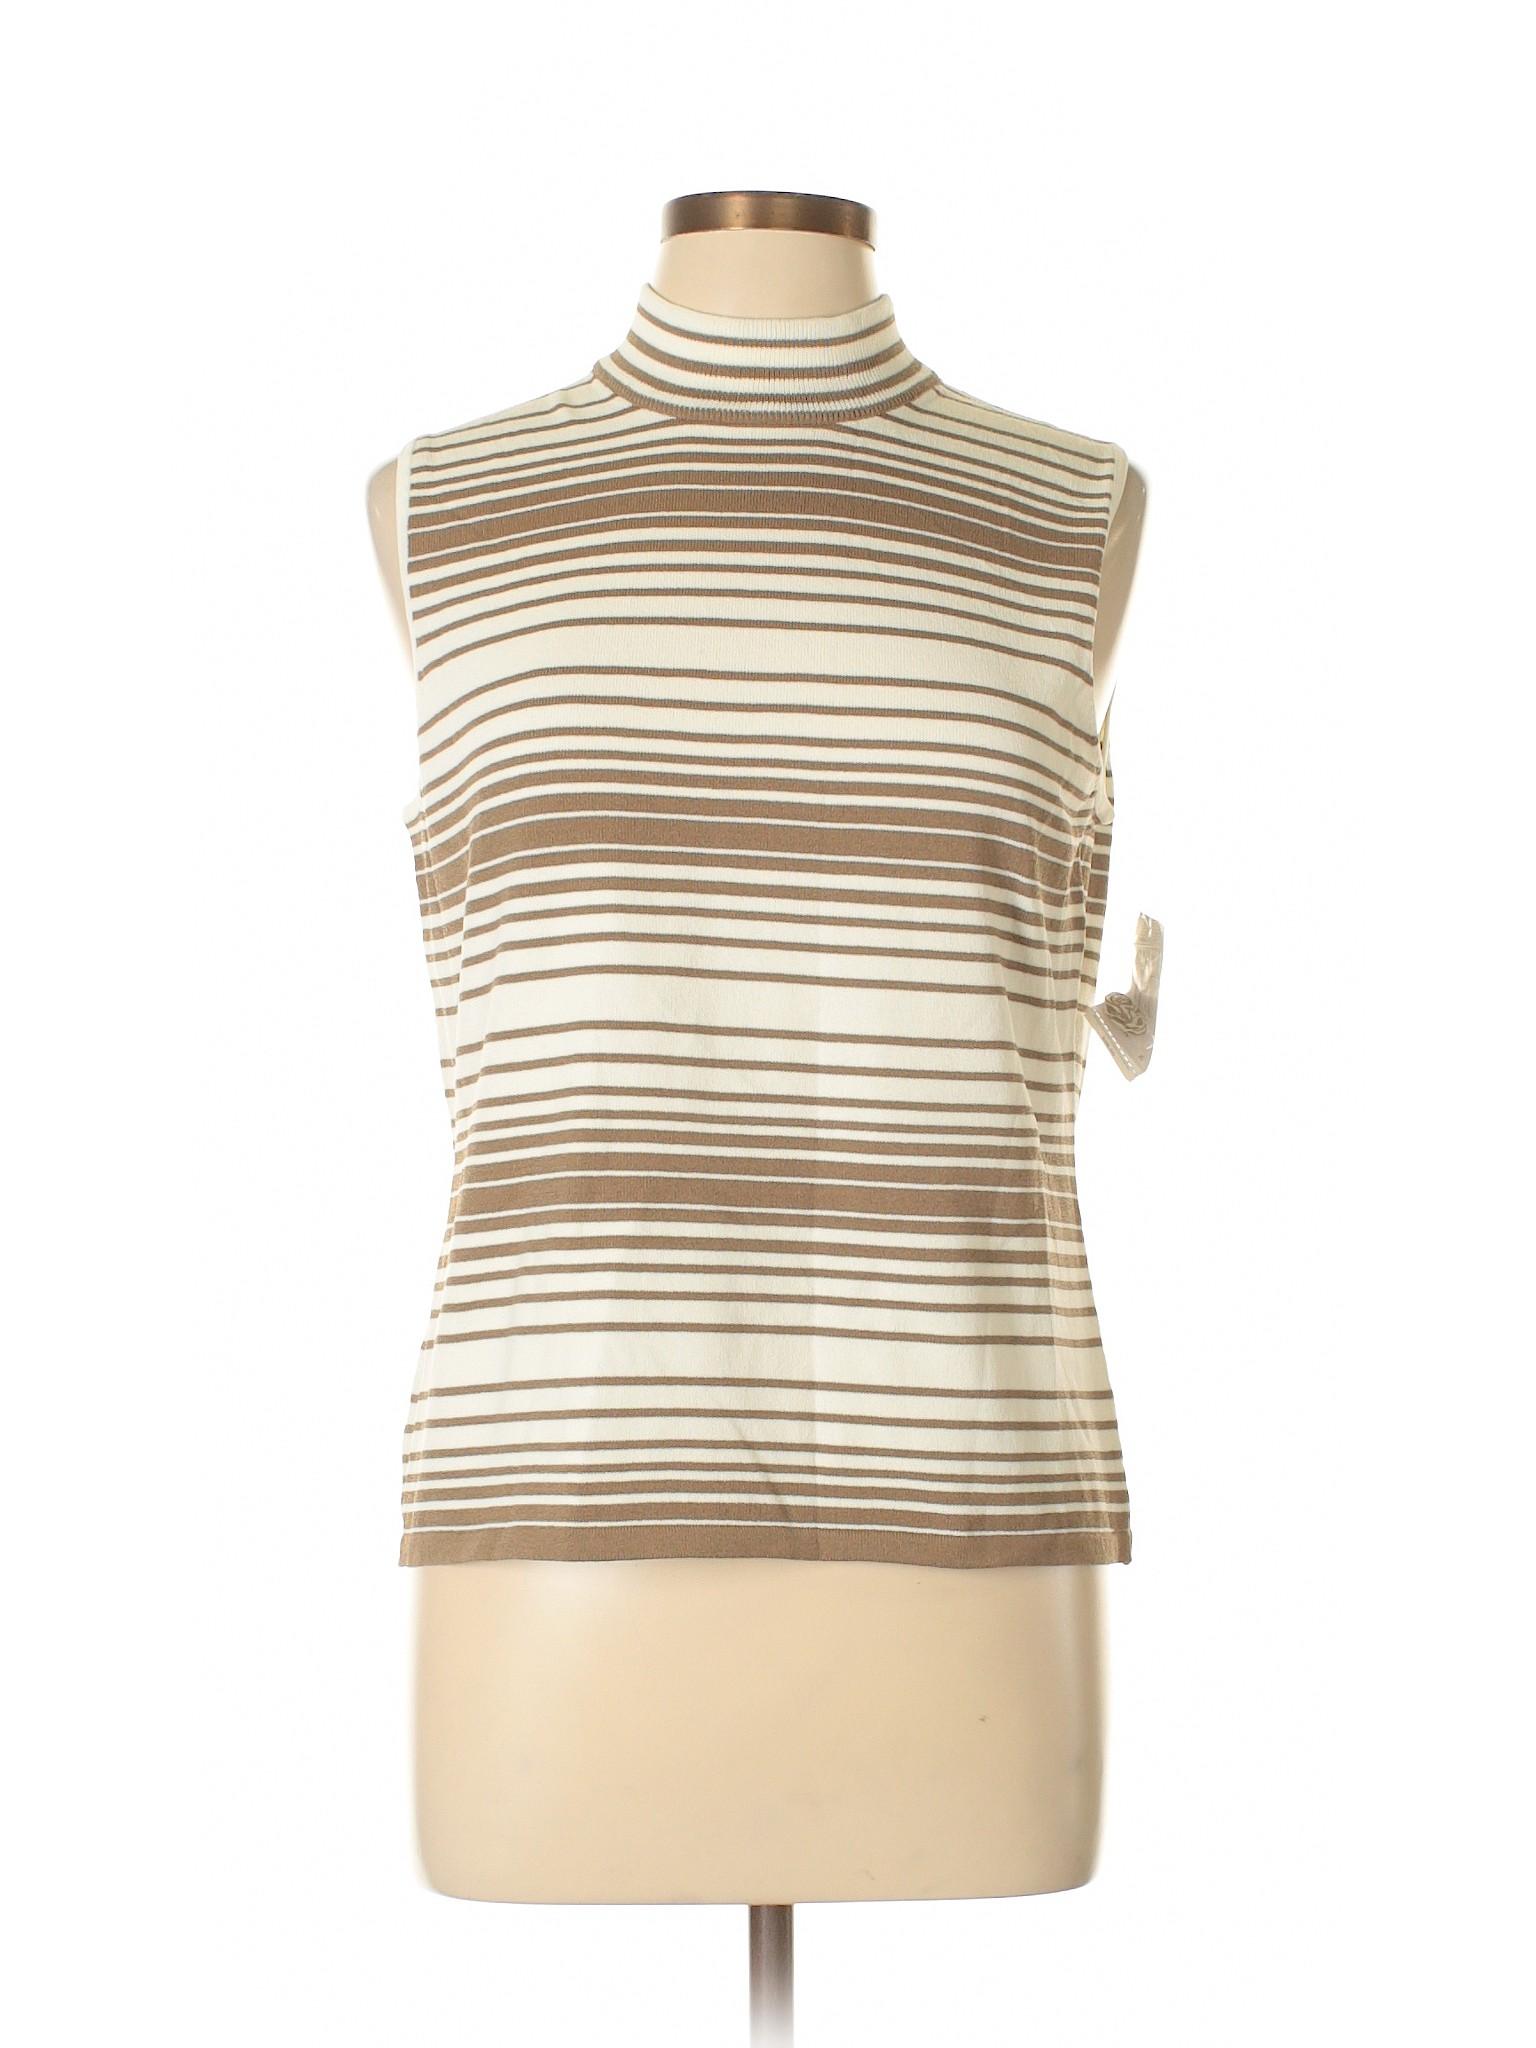 Pullover Pullover Boutique Sweater Boutique Sweater Sweater Rafaella Boutique Pullover Rafaella Rafaella qpCwqd